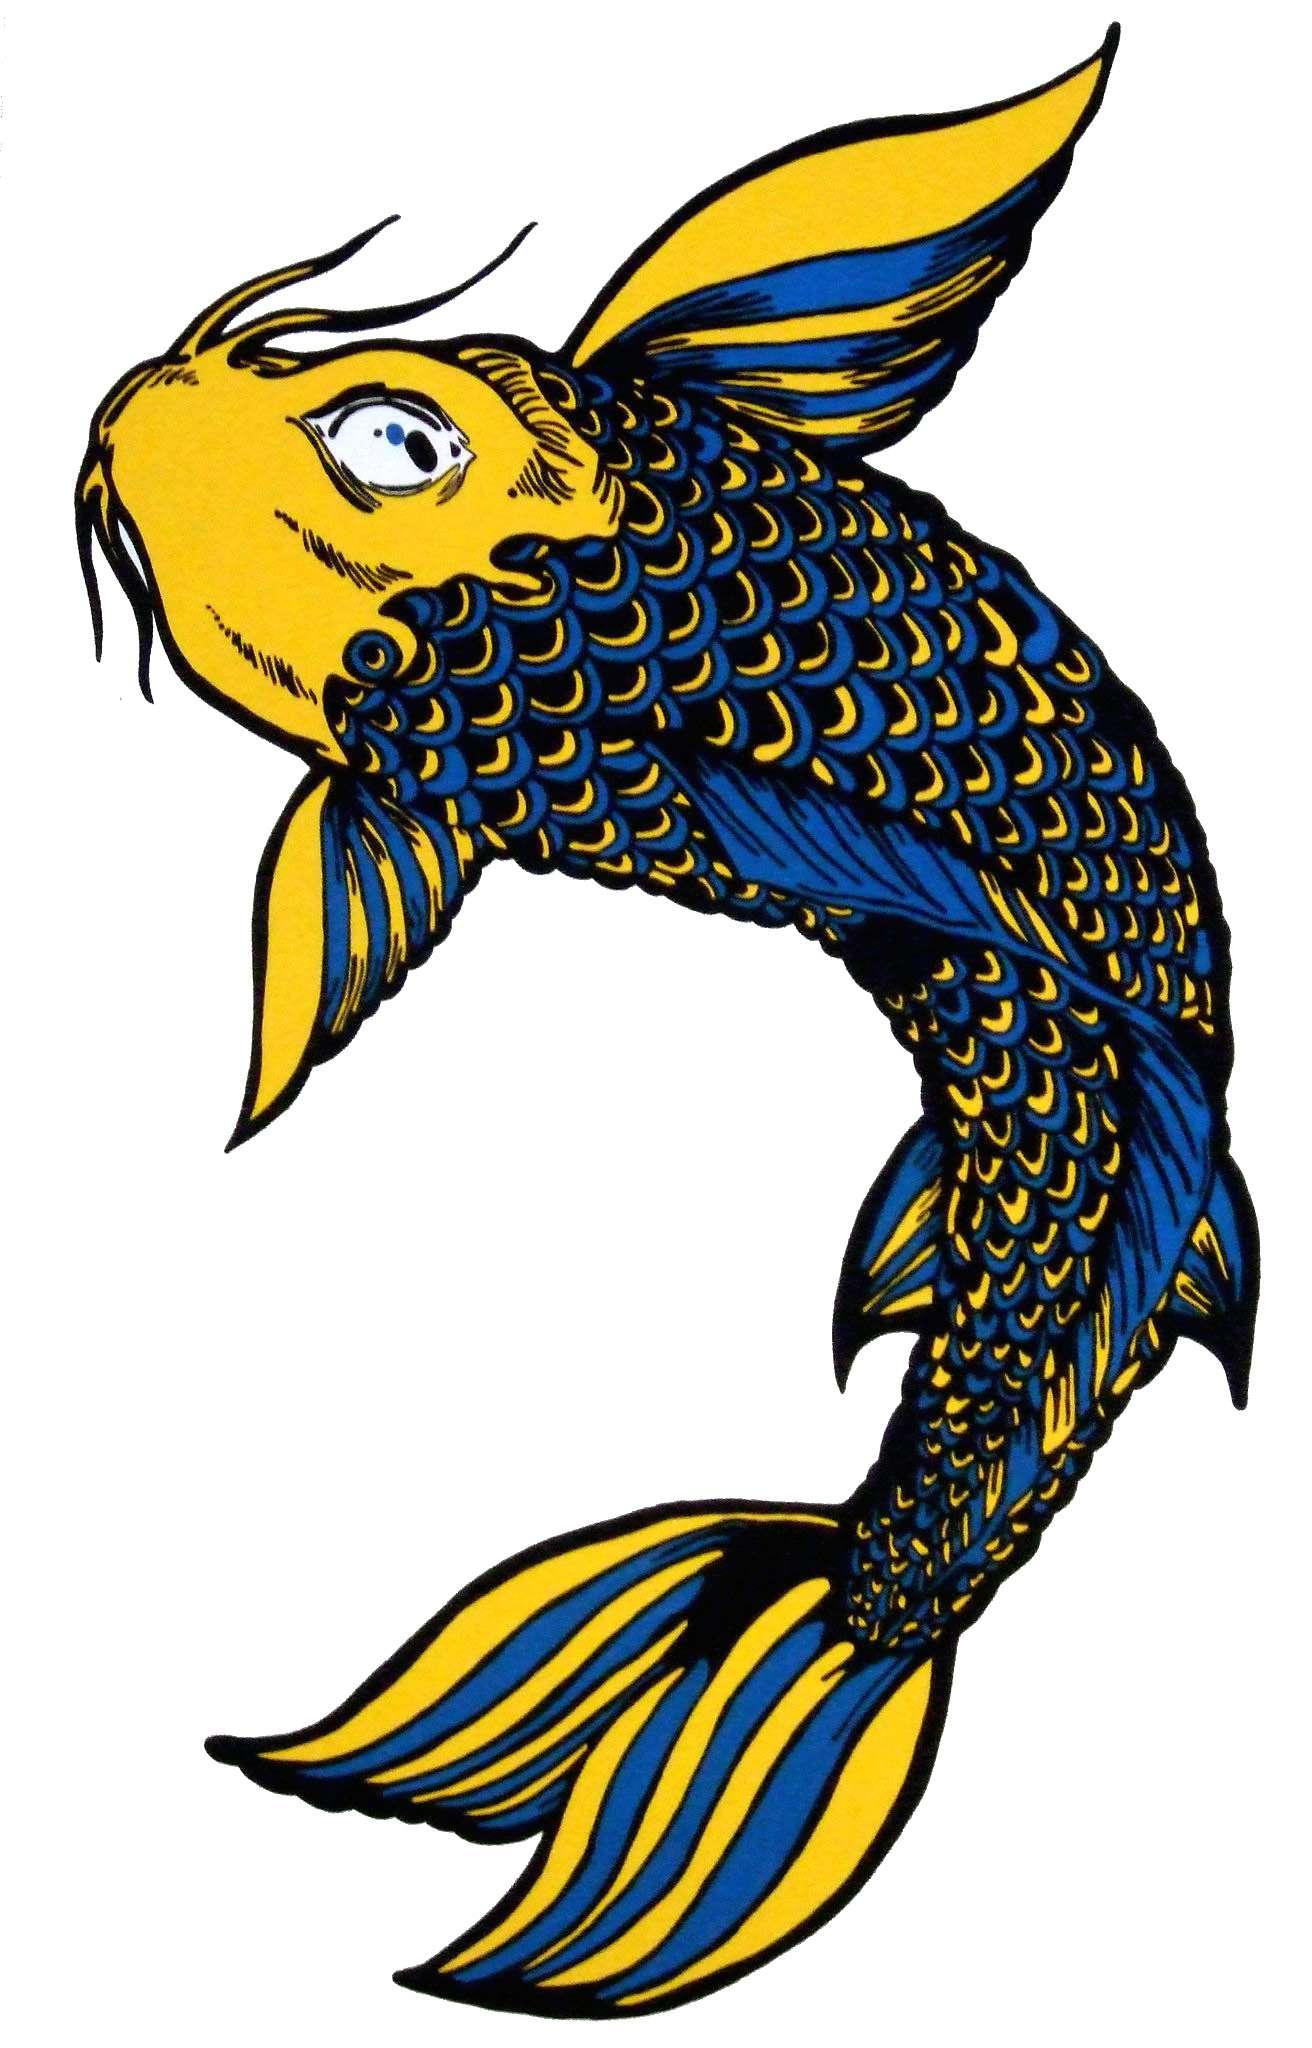 Koi Fish_2 of 2